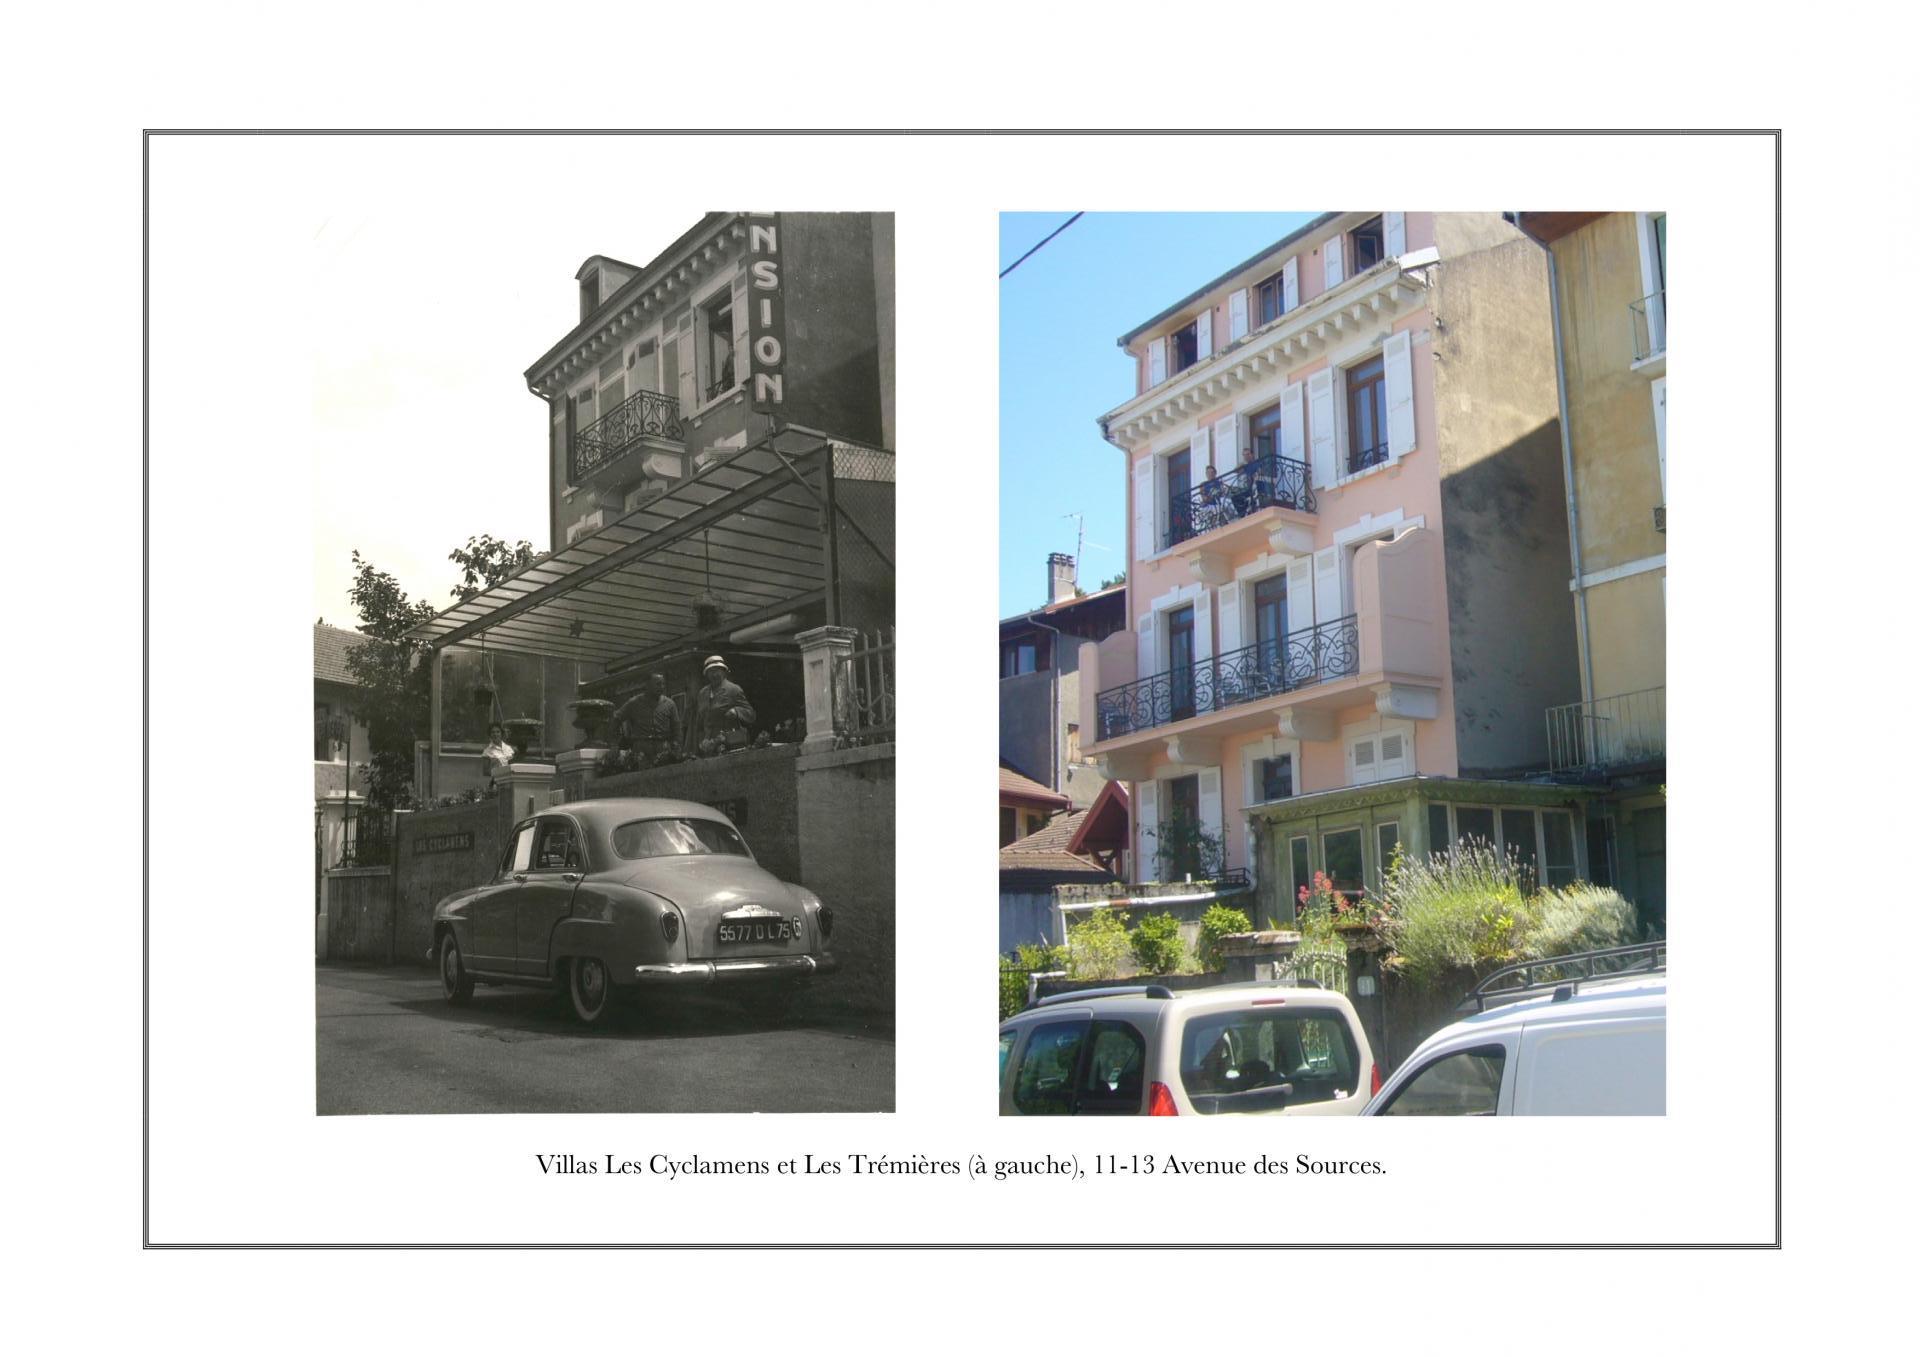 Villa Les Cyclamens, 11 avenue des Sources